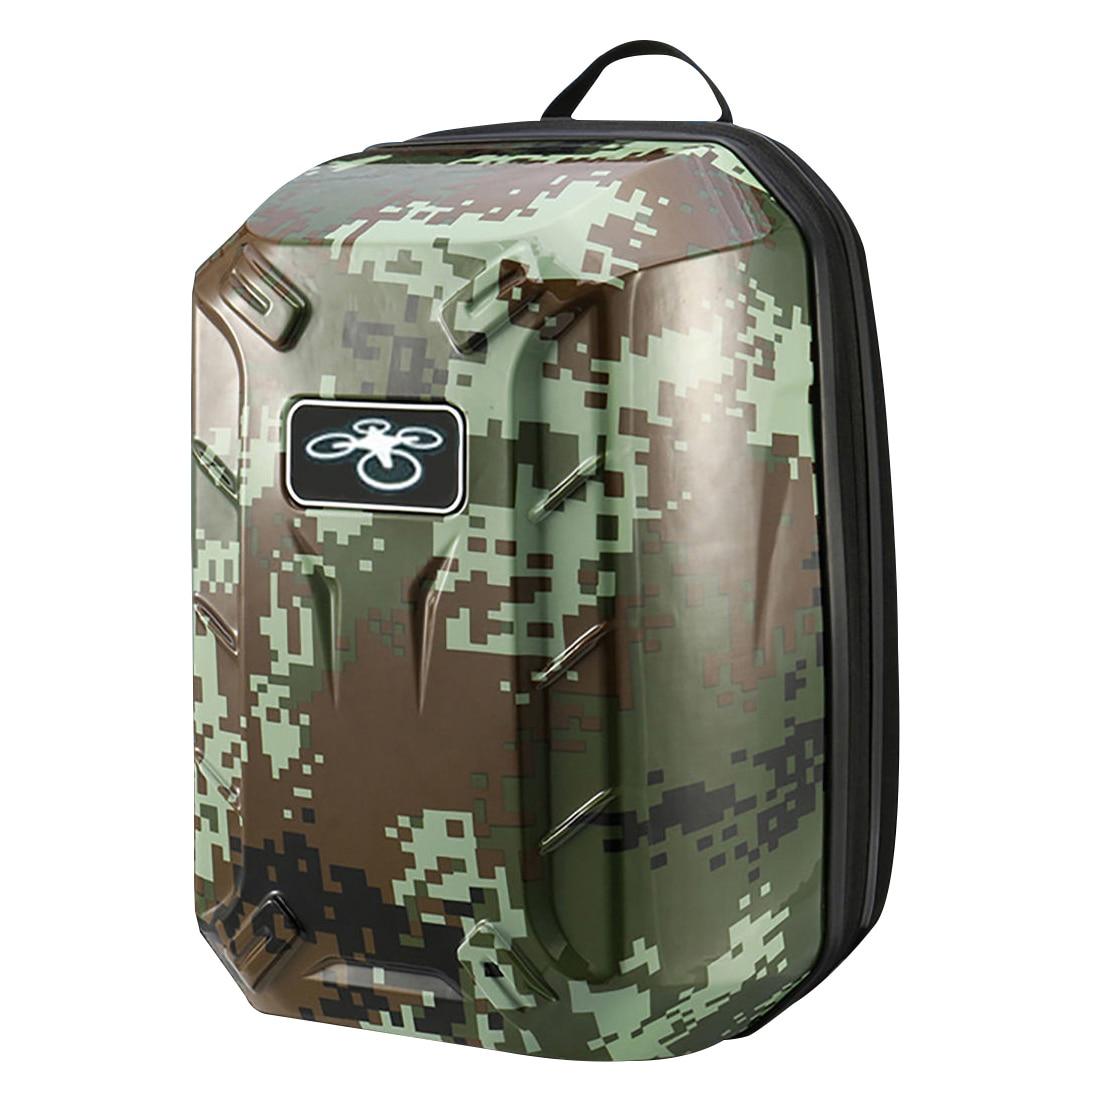 BEAU sac à dos étanche ing sac à bandoulière coque rigide pour DJI Phantom 3 couleur: vert armée